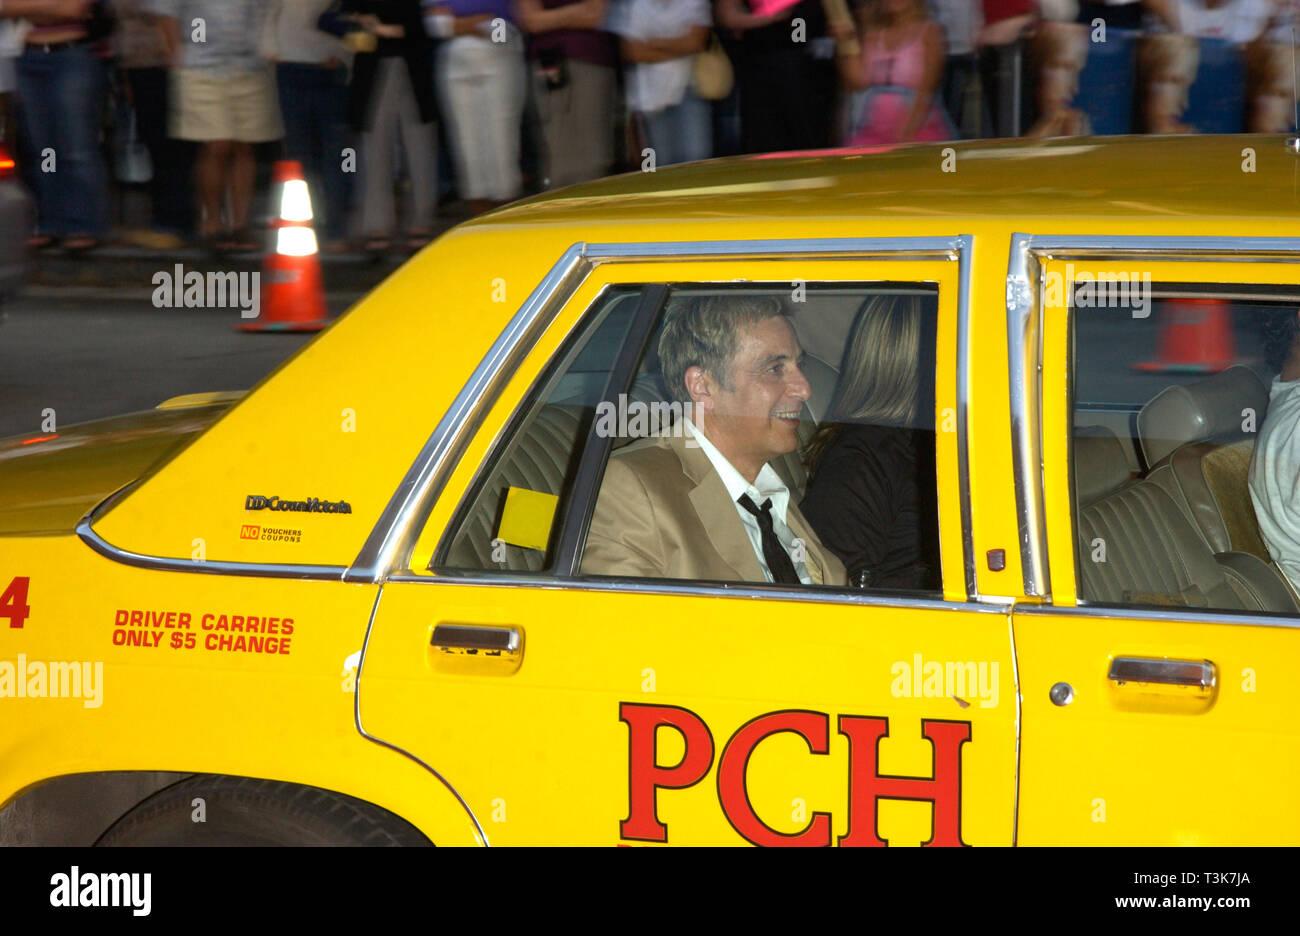 LOS ANGELES, CA  August 13, 2002: Actor AL PACINO at the Los Angeles